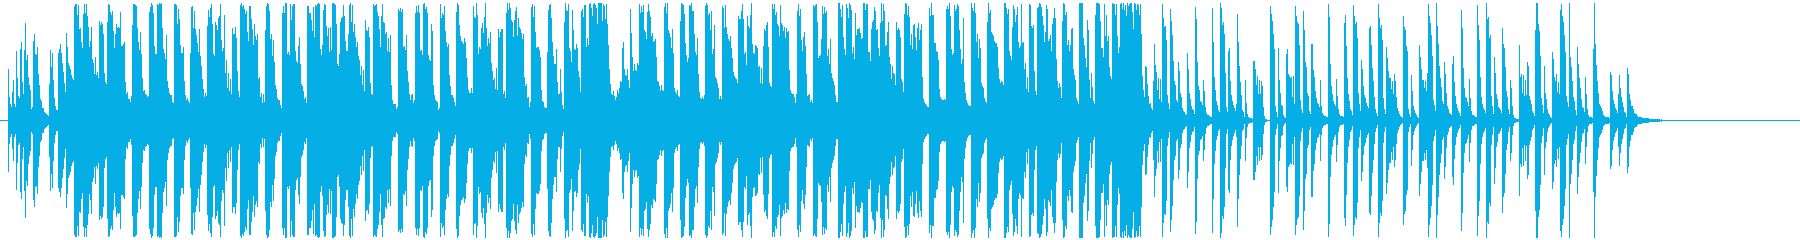 ハッピーなフューチャーベースの再生済みの波形